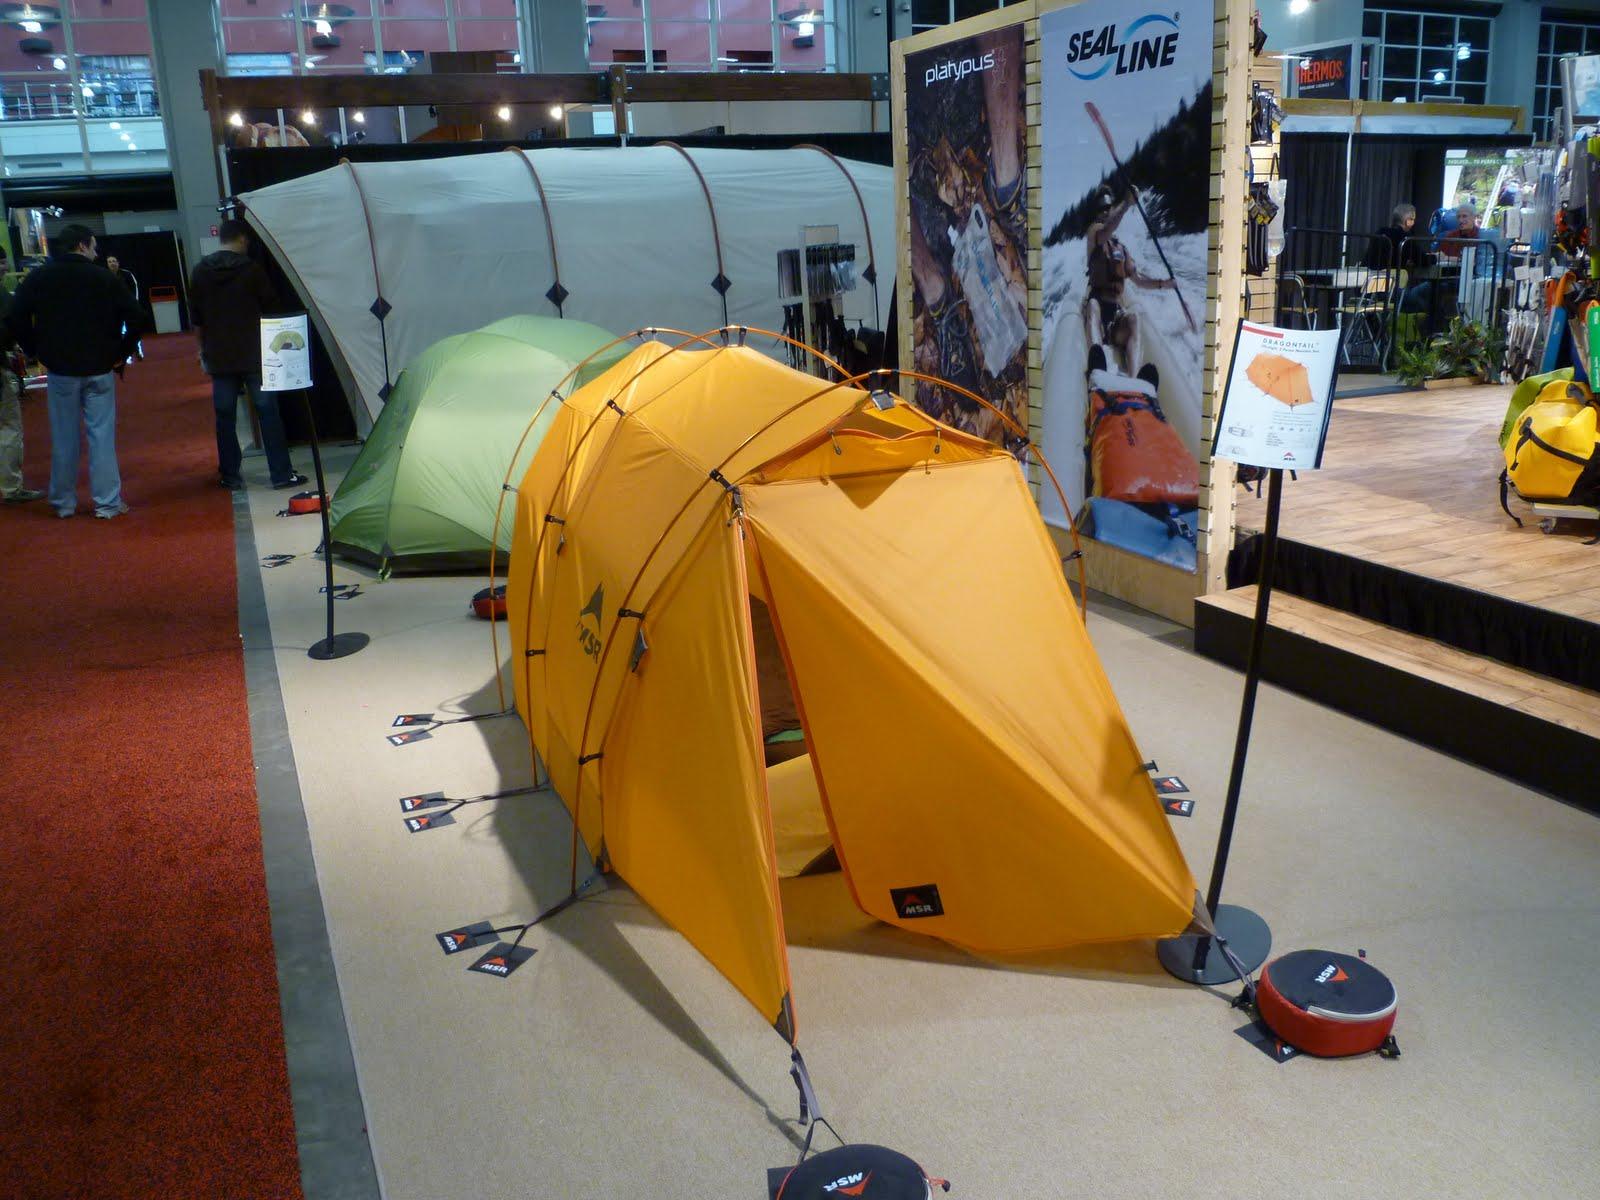 MSR - Hoop Trail Tent & SmallFrye-Travels: Outdoor Retailer Show 1/23/11